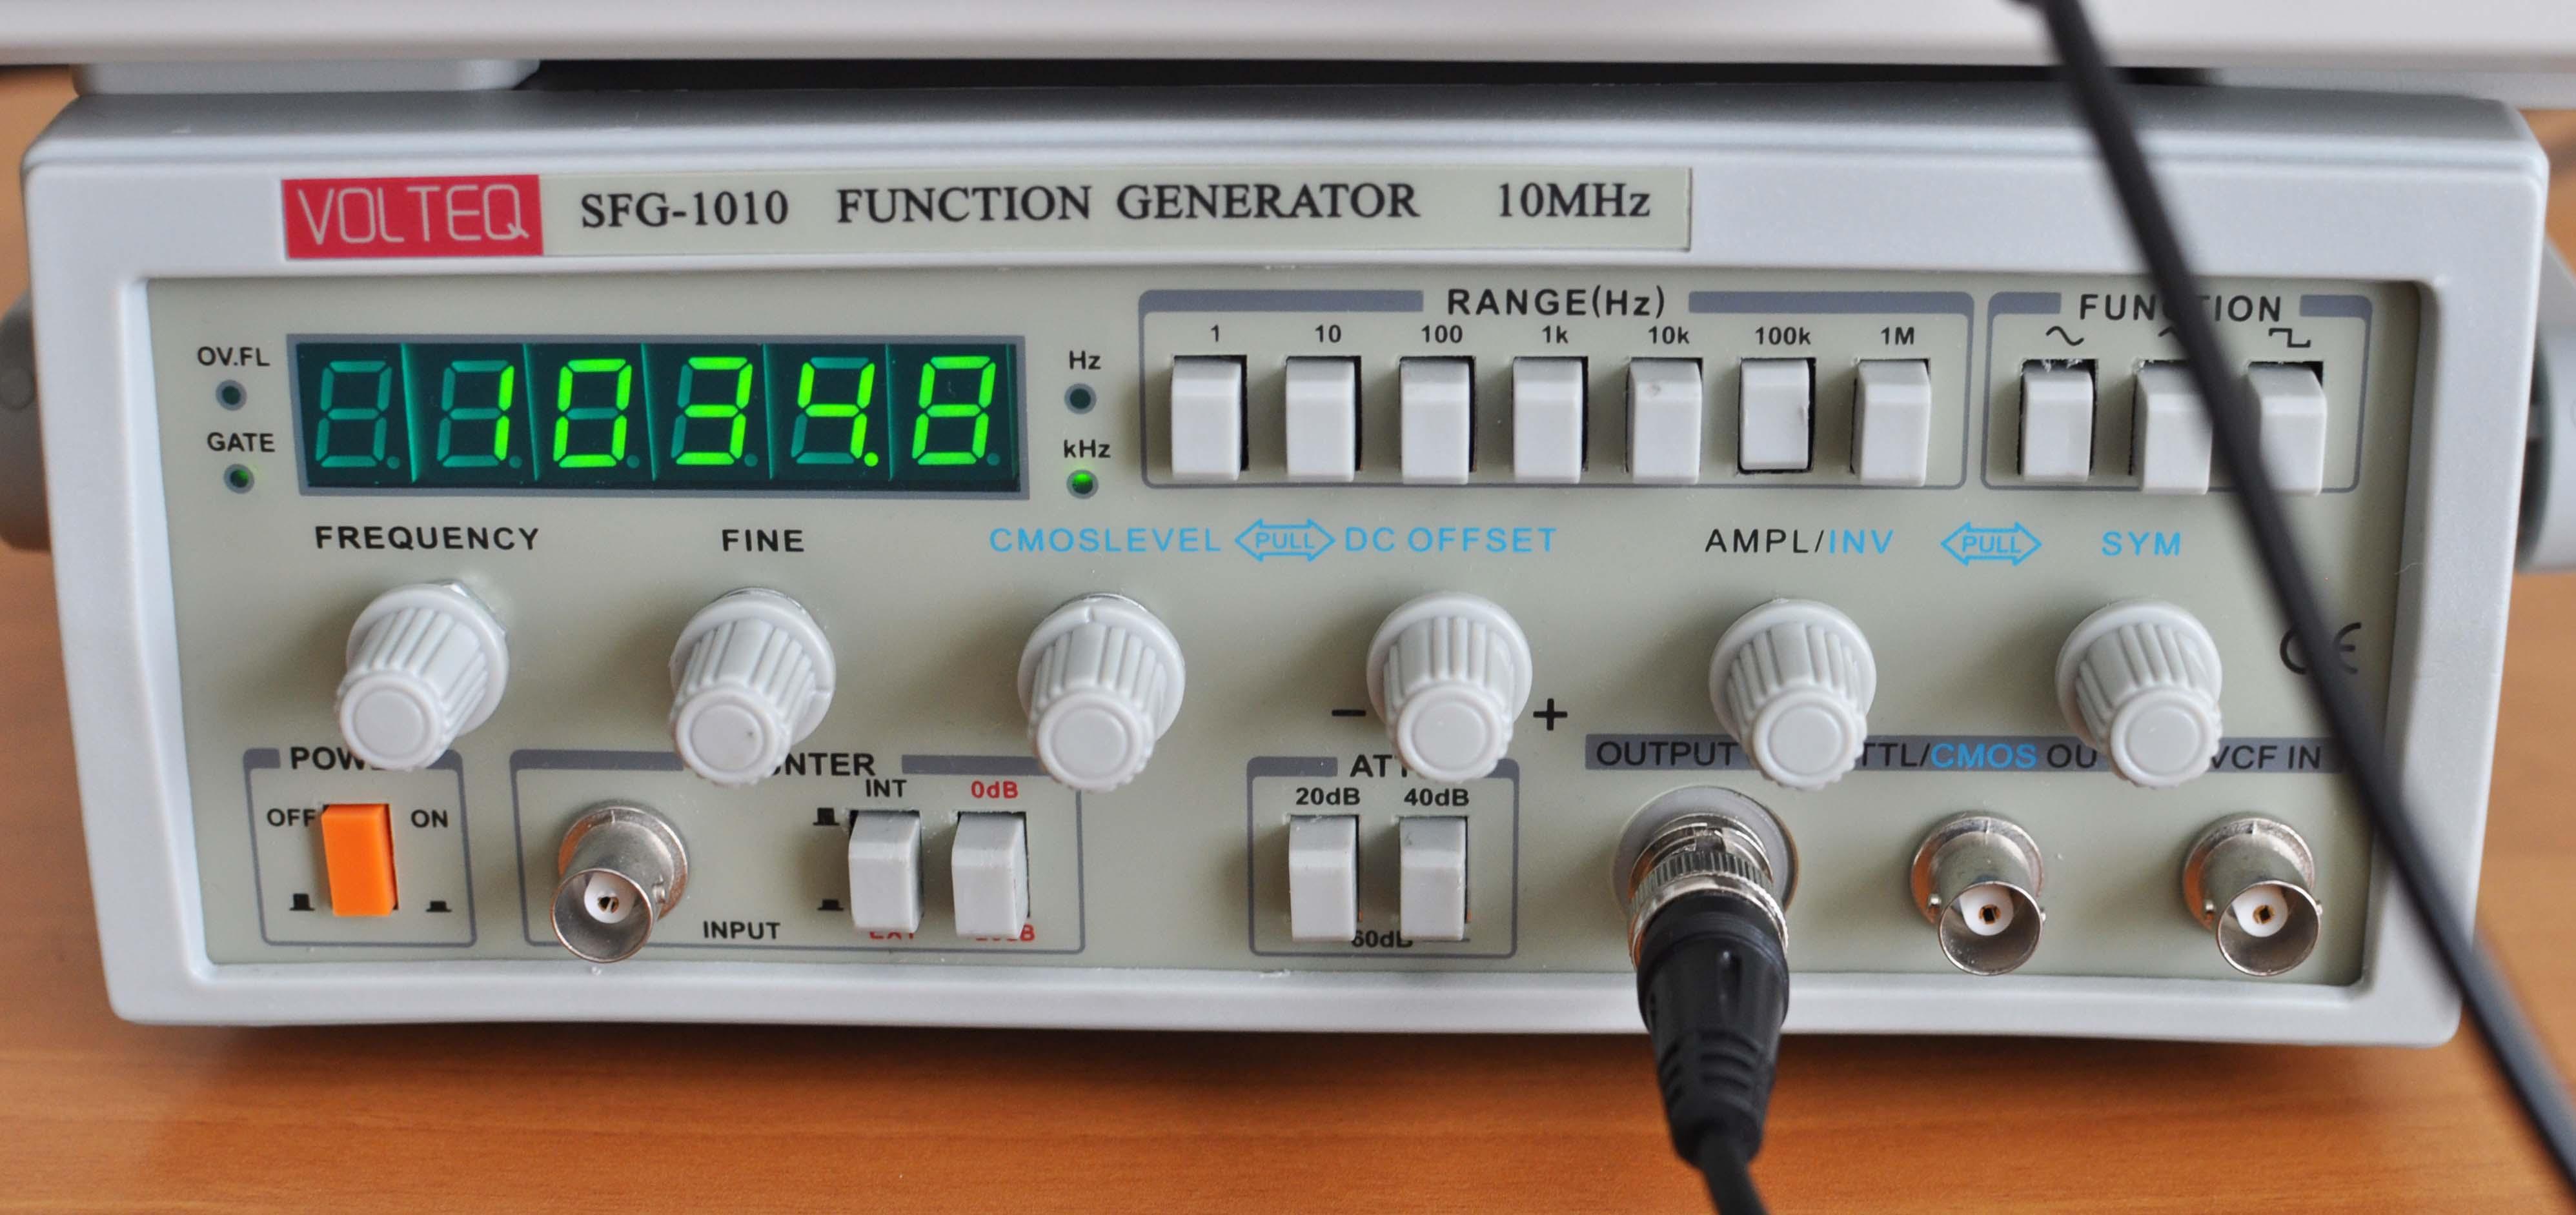 SFG-1010